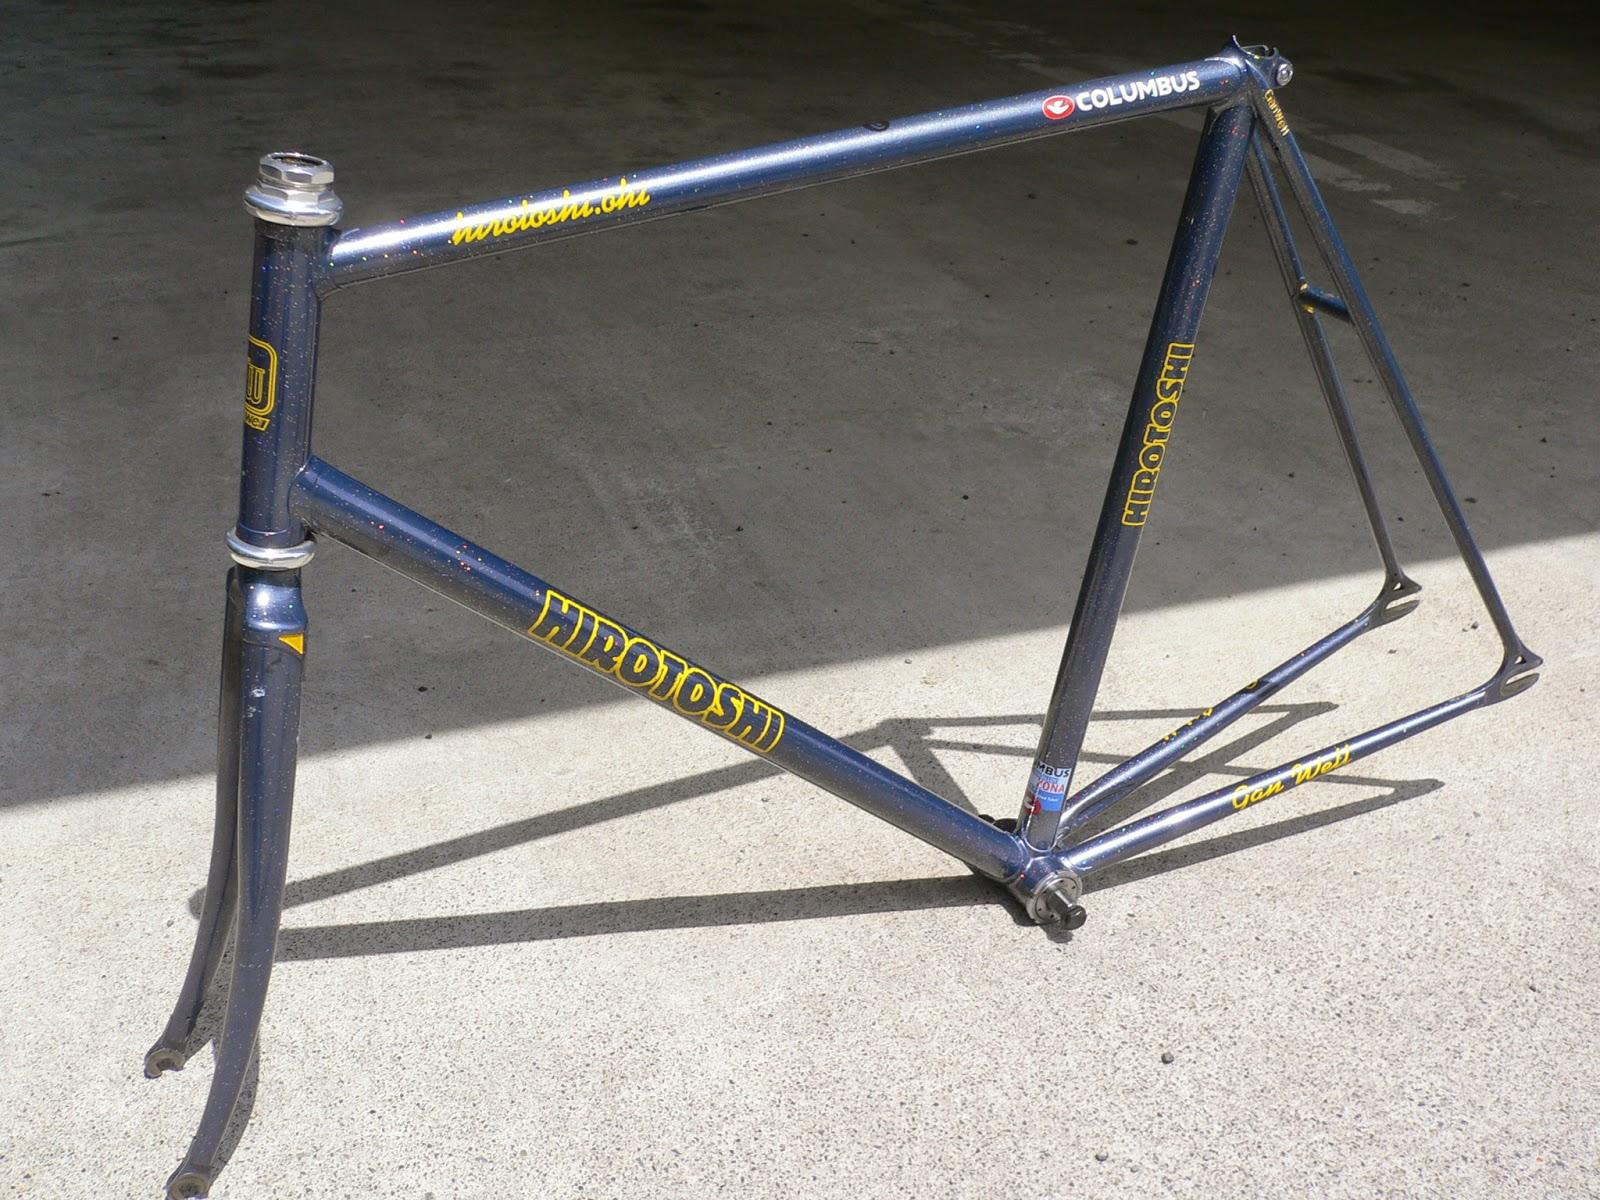 njs keirin track bike &frame for sell: GANWELL njs keirin frame set